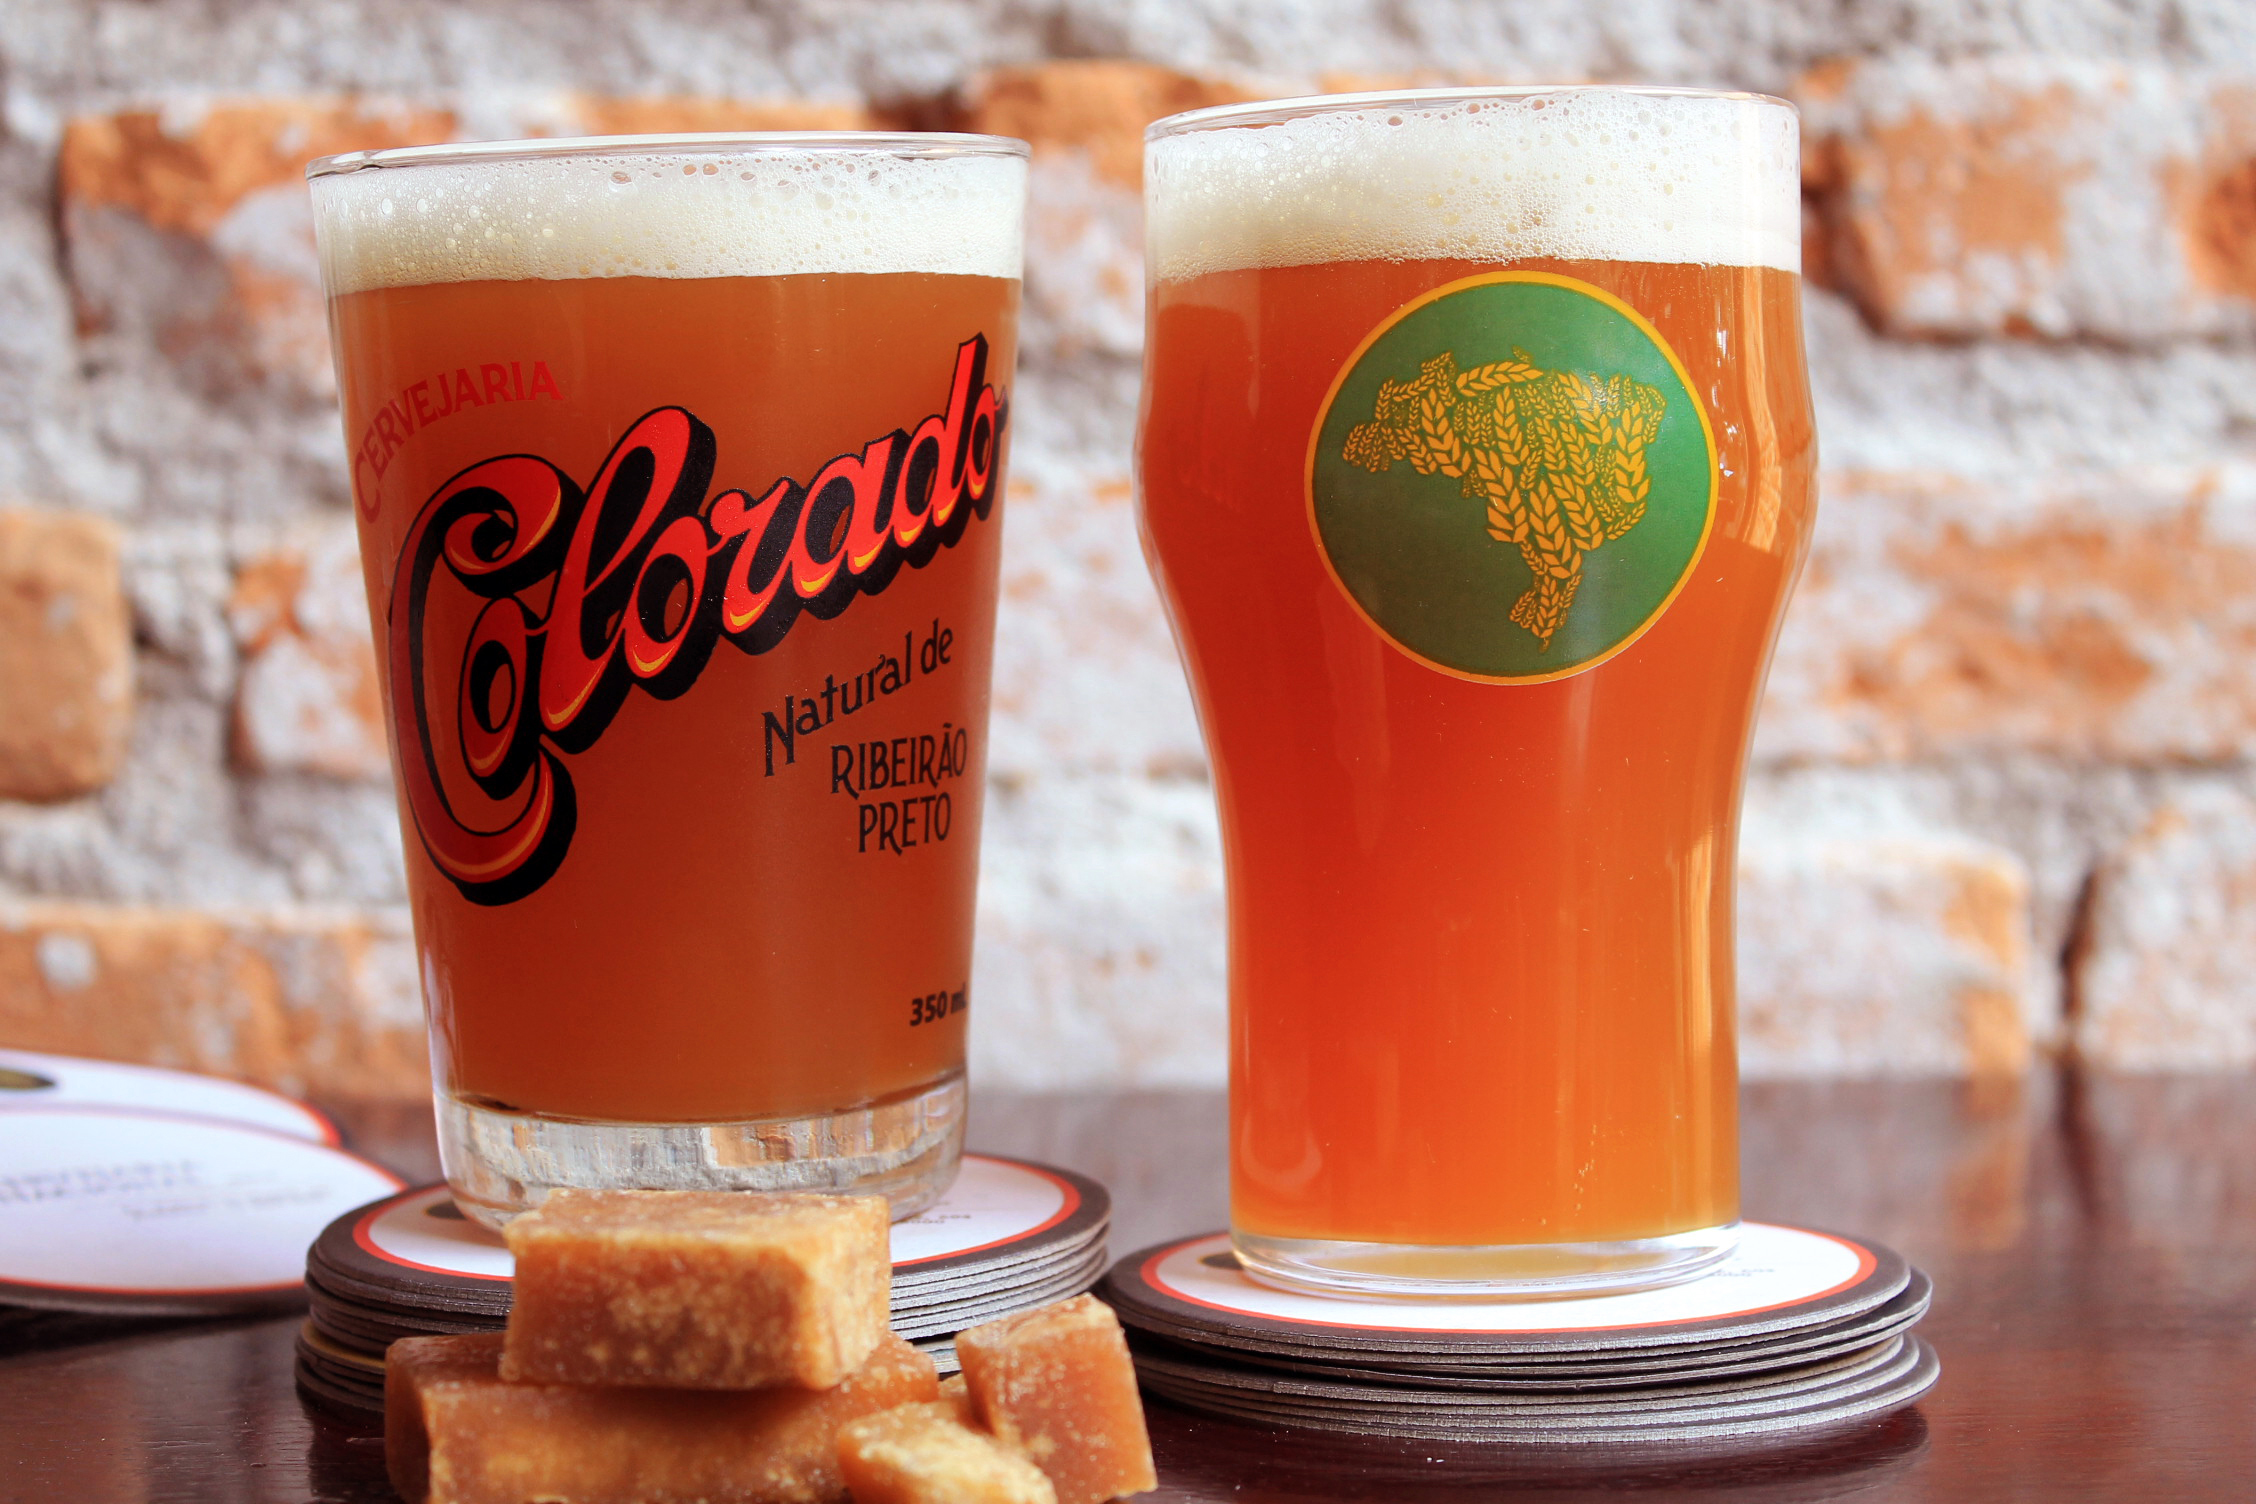 Cerveja da Colorado, de Ribeirão Preto, e da Nacional, da capital paulista, tem6,5% de teor alcoólico e IBU 25(Foto: Divulgação)